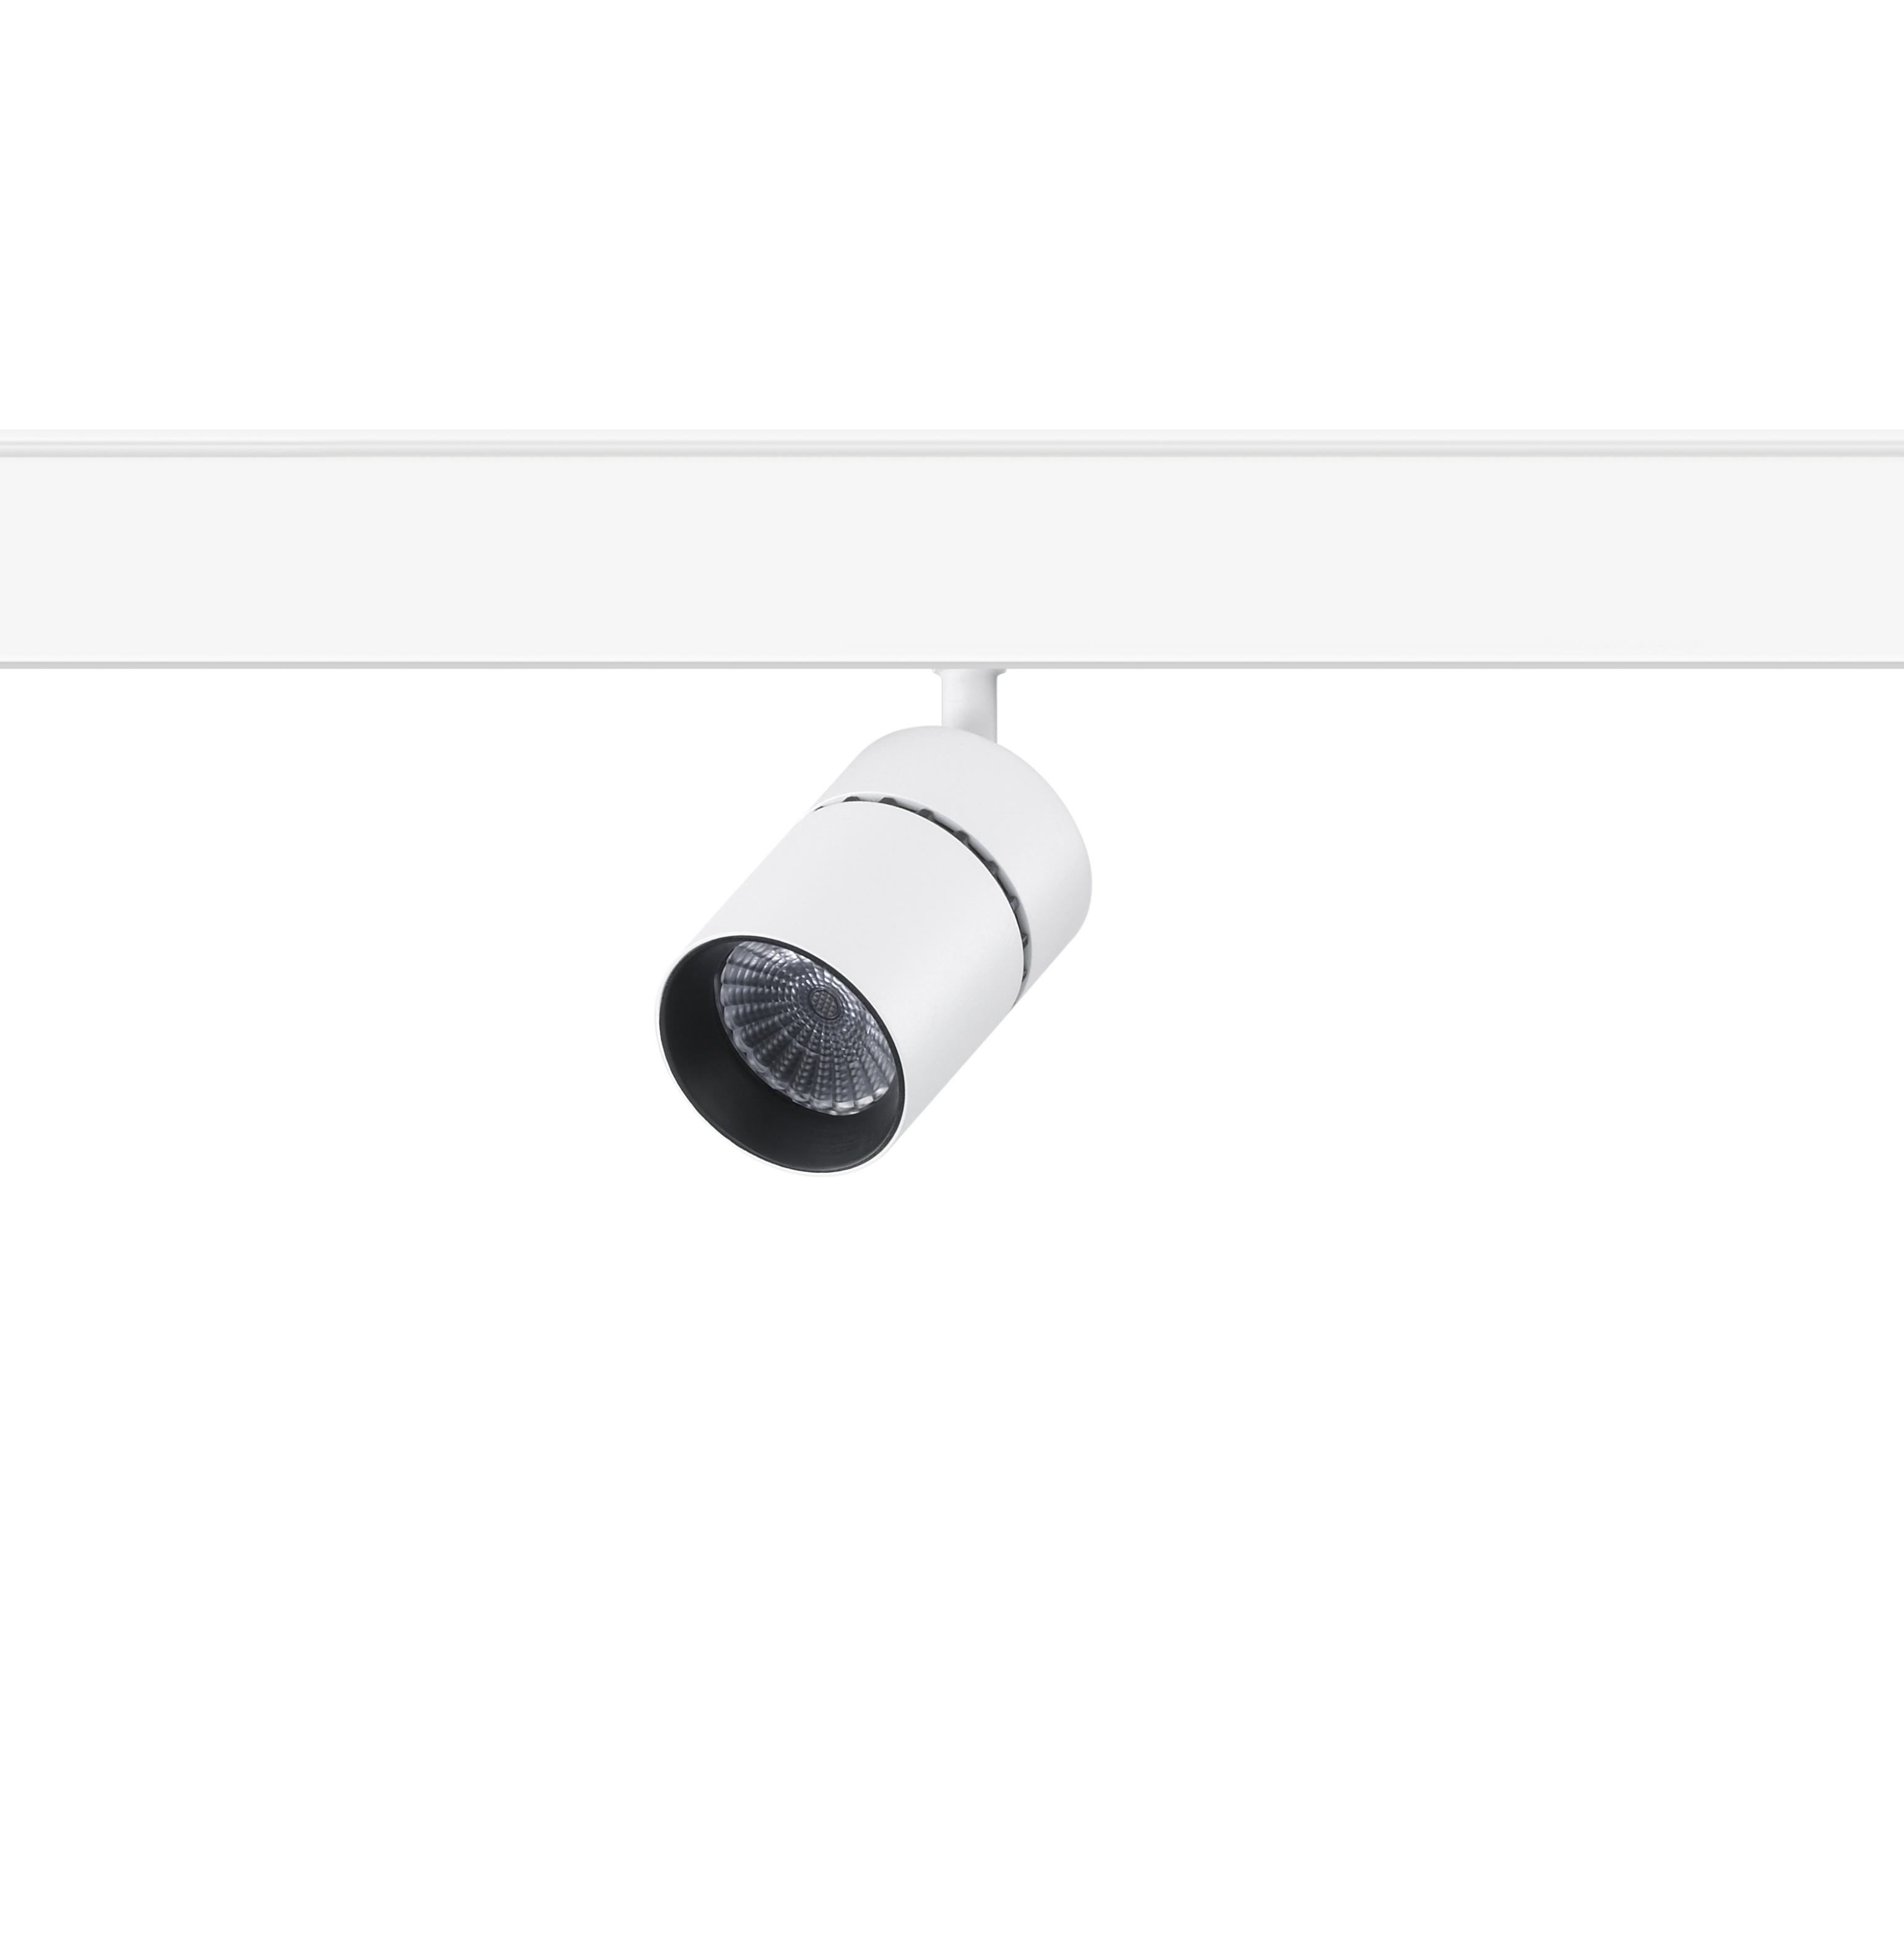 Siinivalgusti YORI EVO 48V MINI Ø35mm LED 3.5W 315lm 3000K CRI>90 22°; alumiinium, matt must